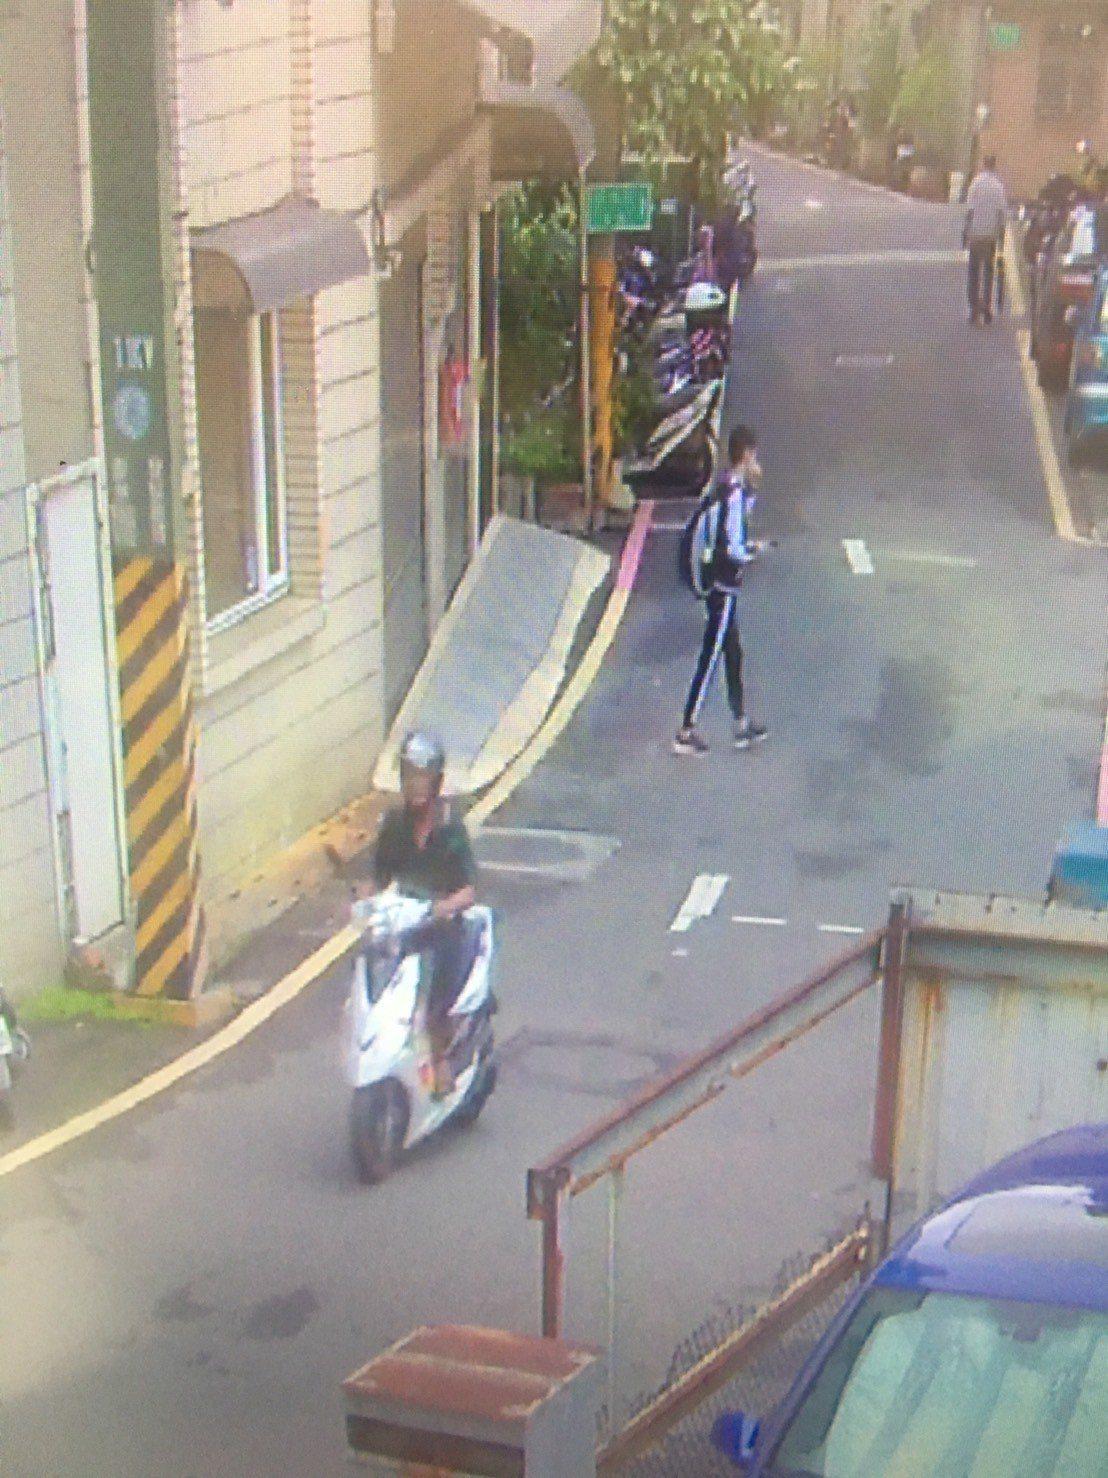 竊嫌騎乘偷來的機車,被監視器錄下。記者林昭彰/翻攝